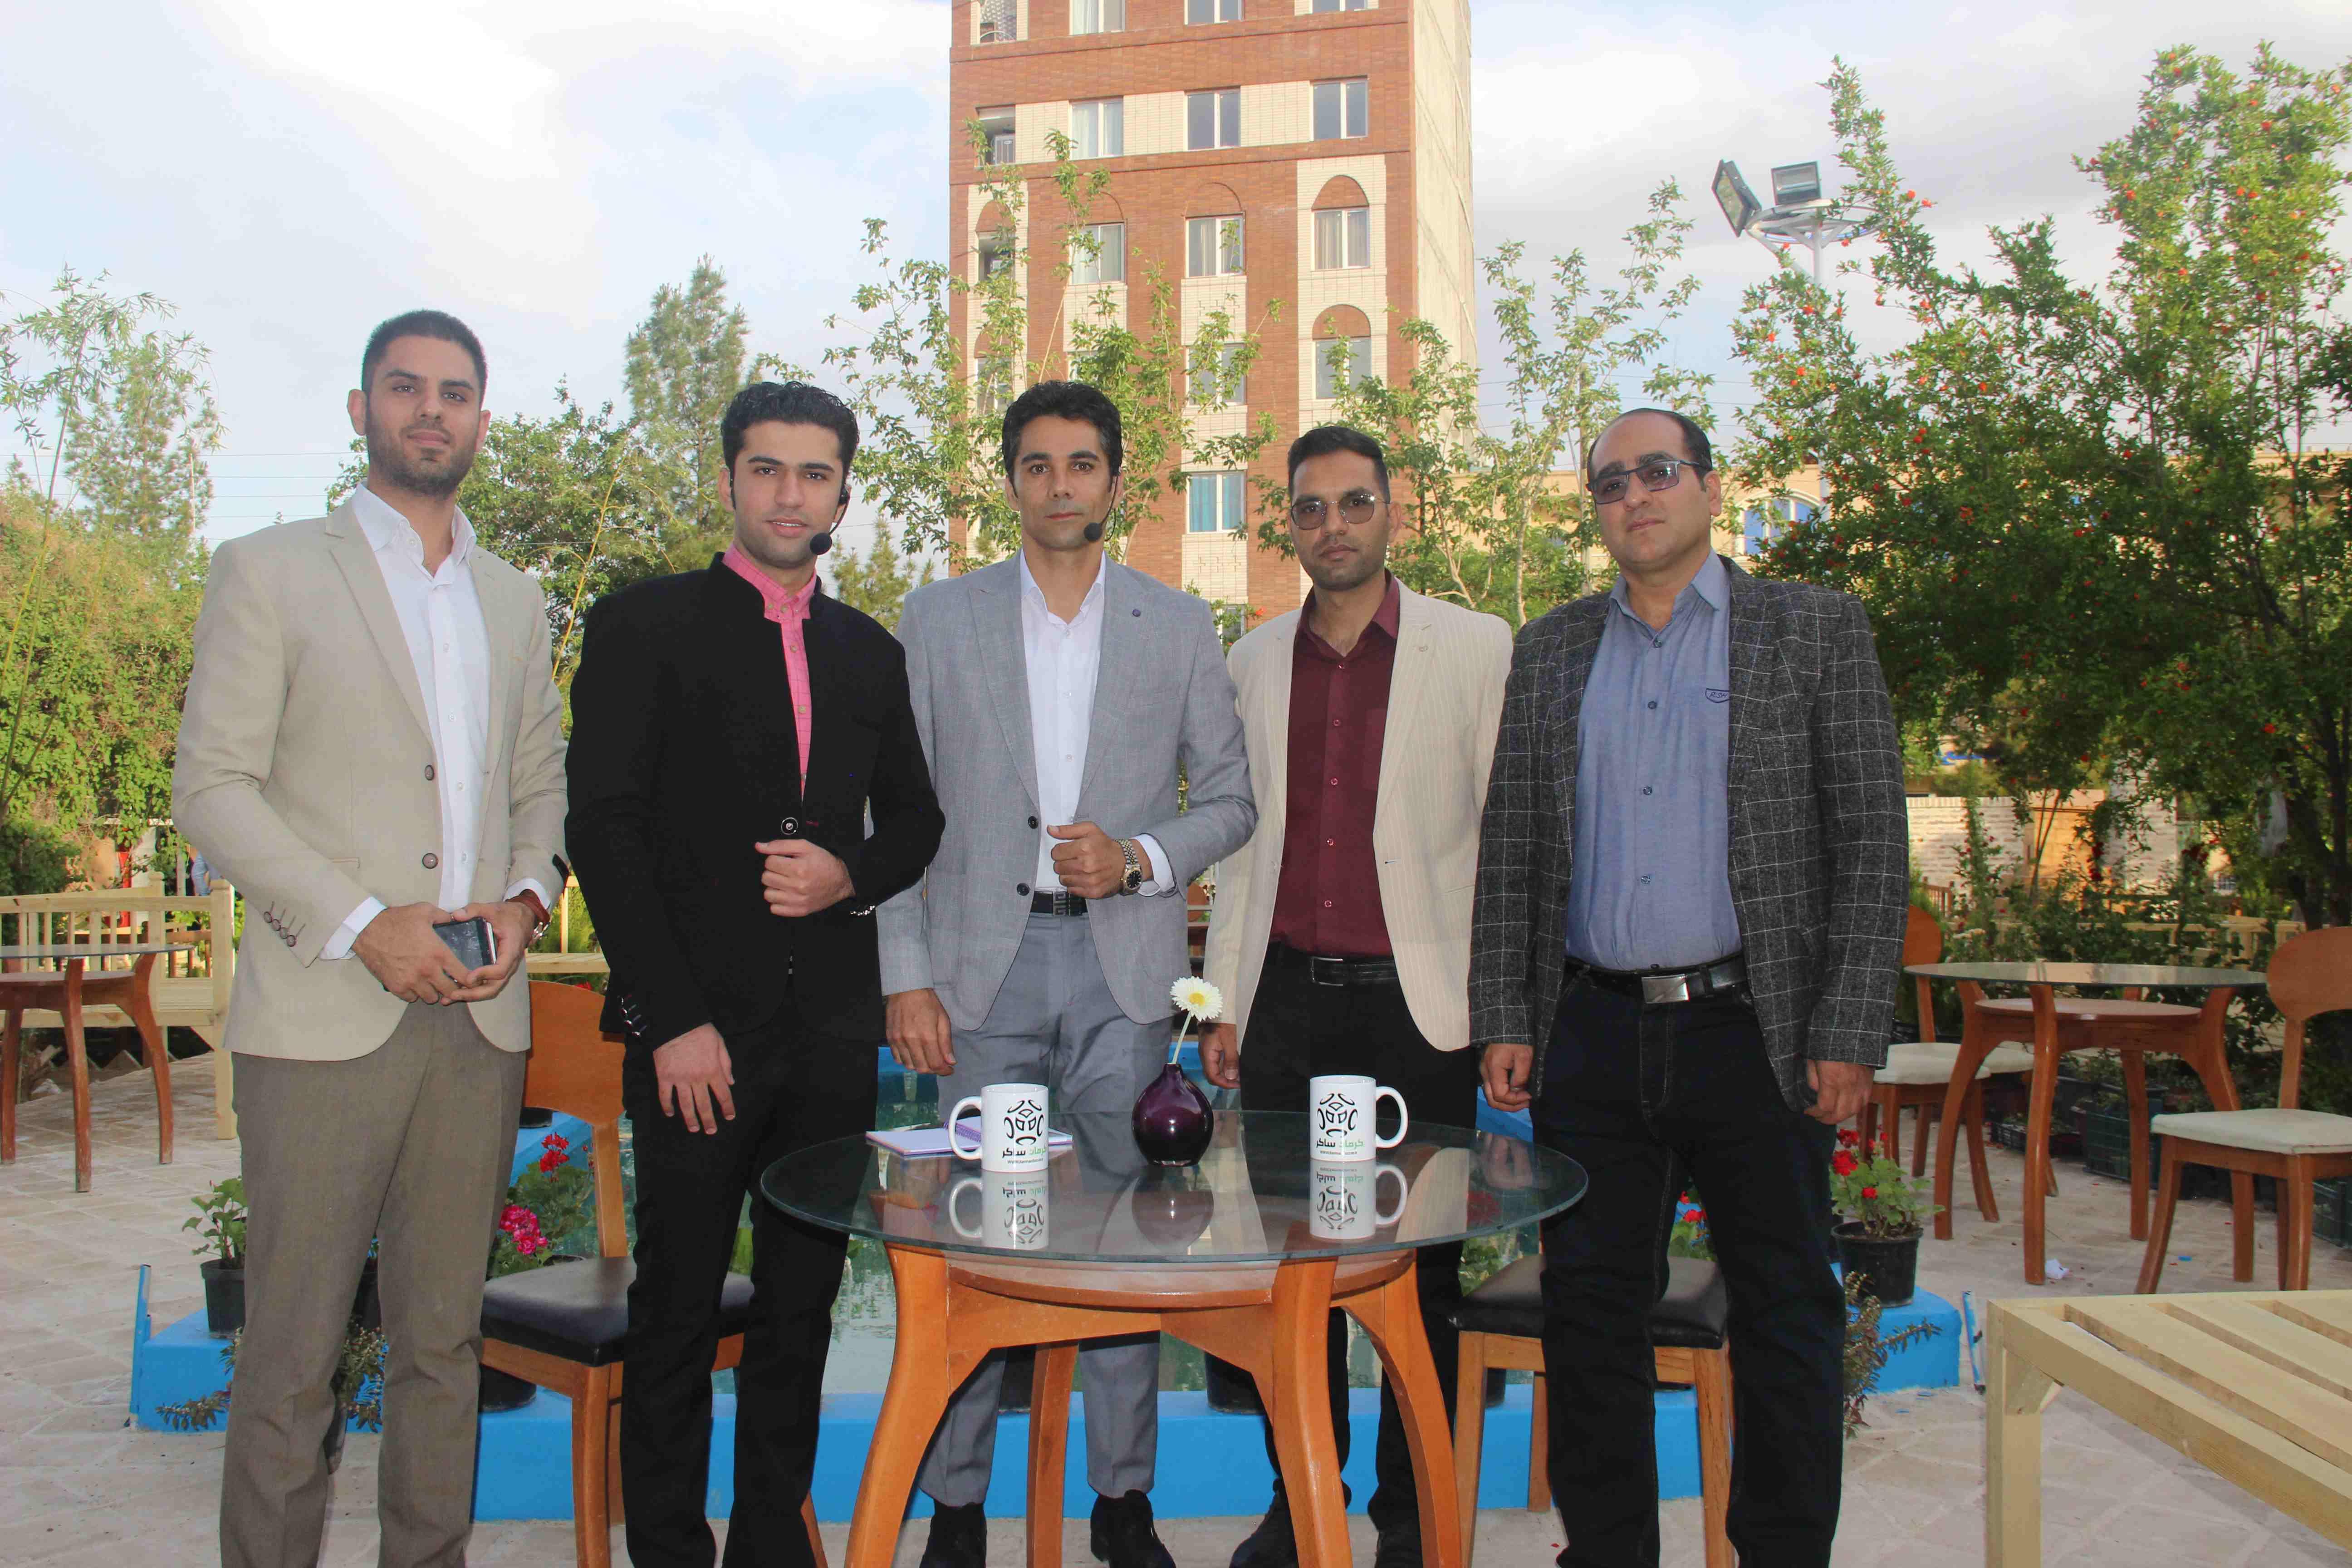 بخش سوم/ گفتگوی جالب و متفاوت کرمان ساکر با علی علیزاده معاون فنی باشگاه مس رفسنجان